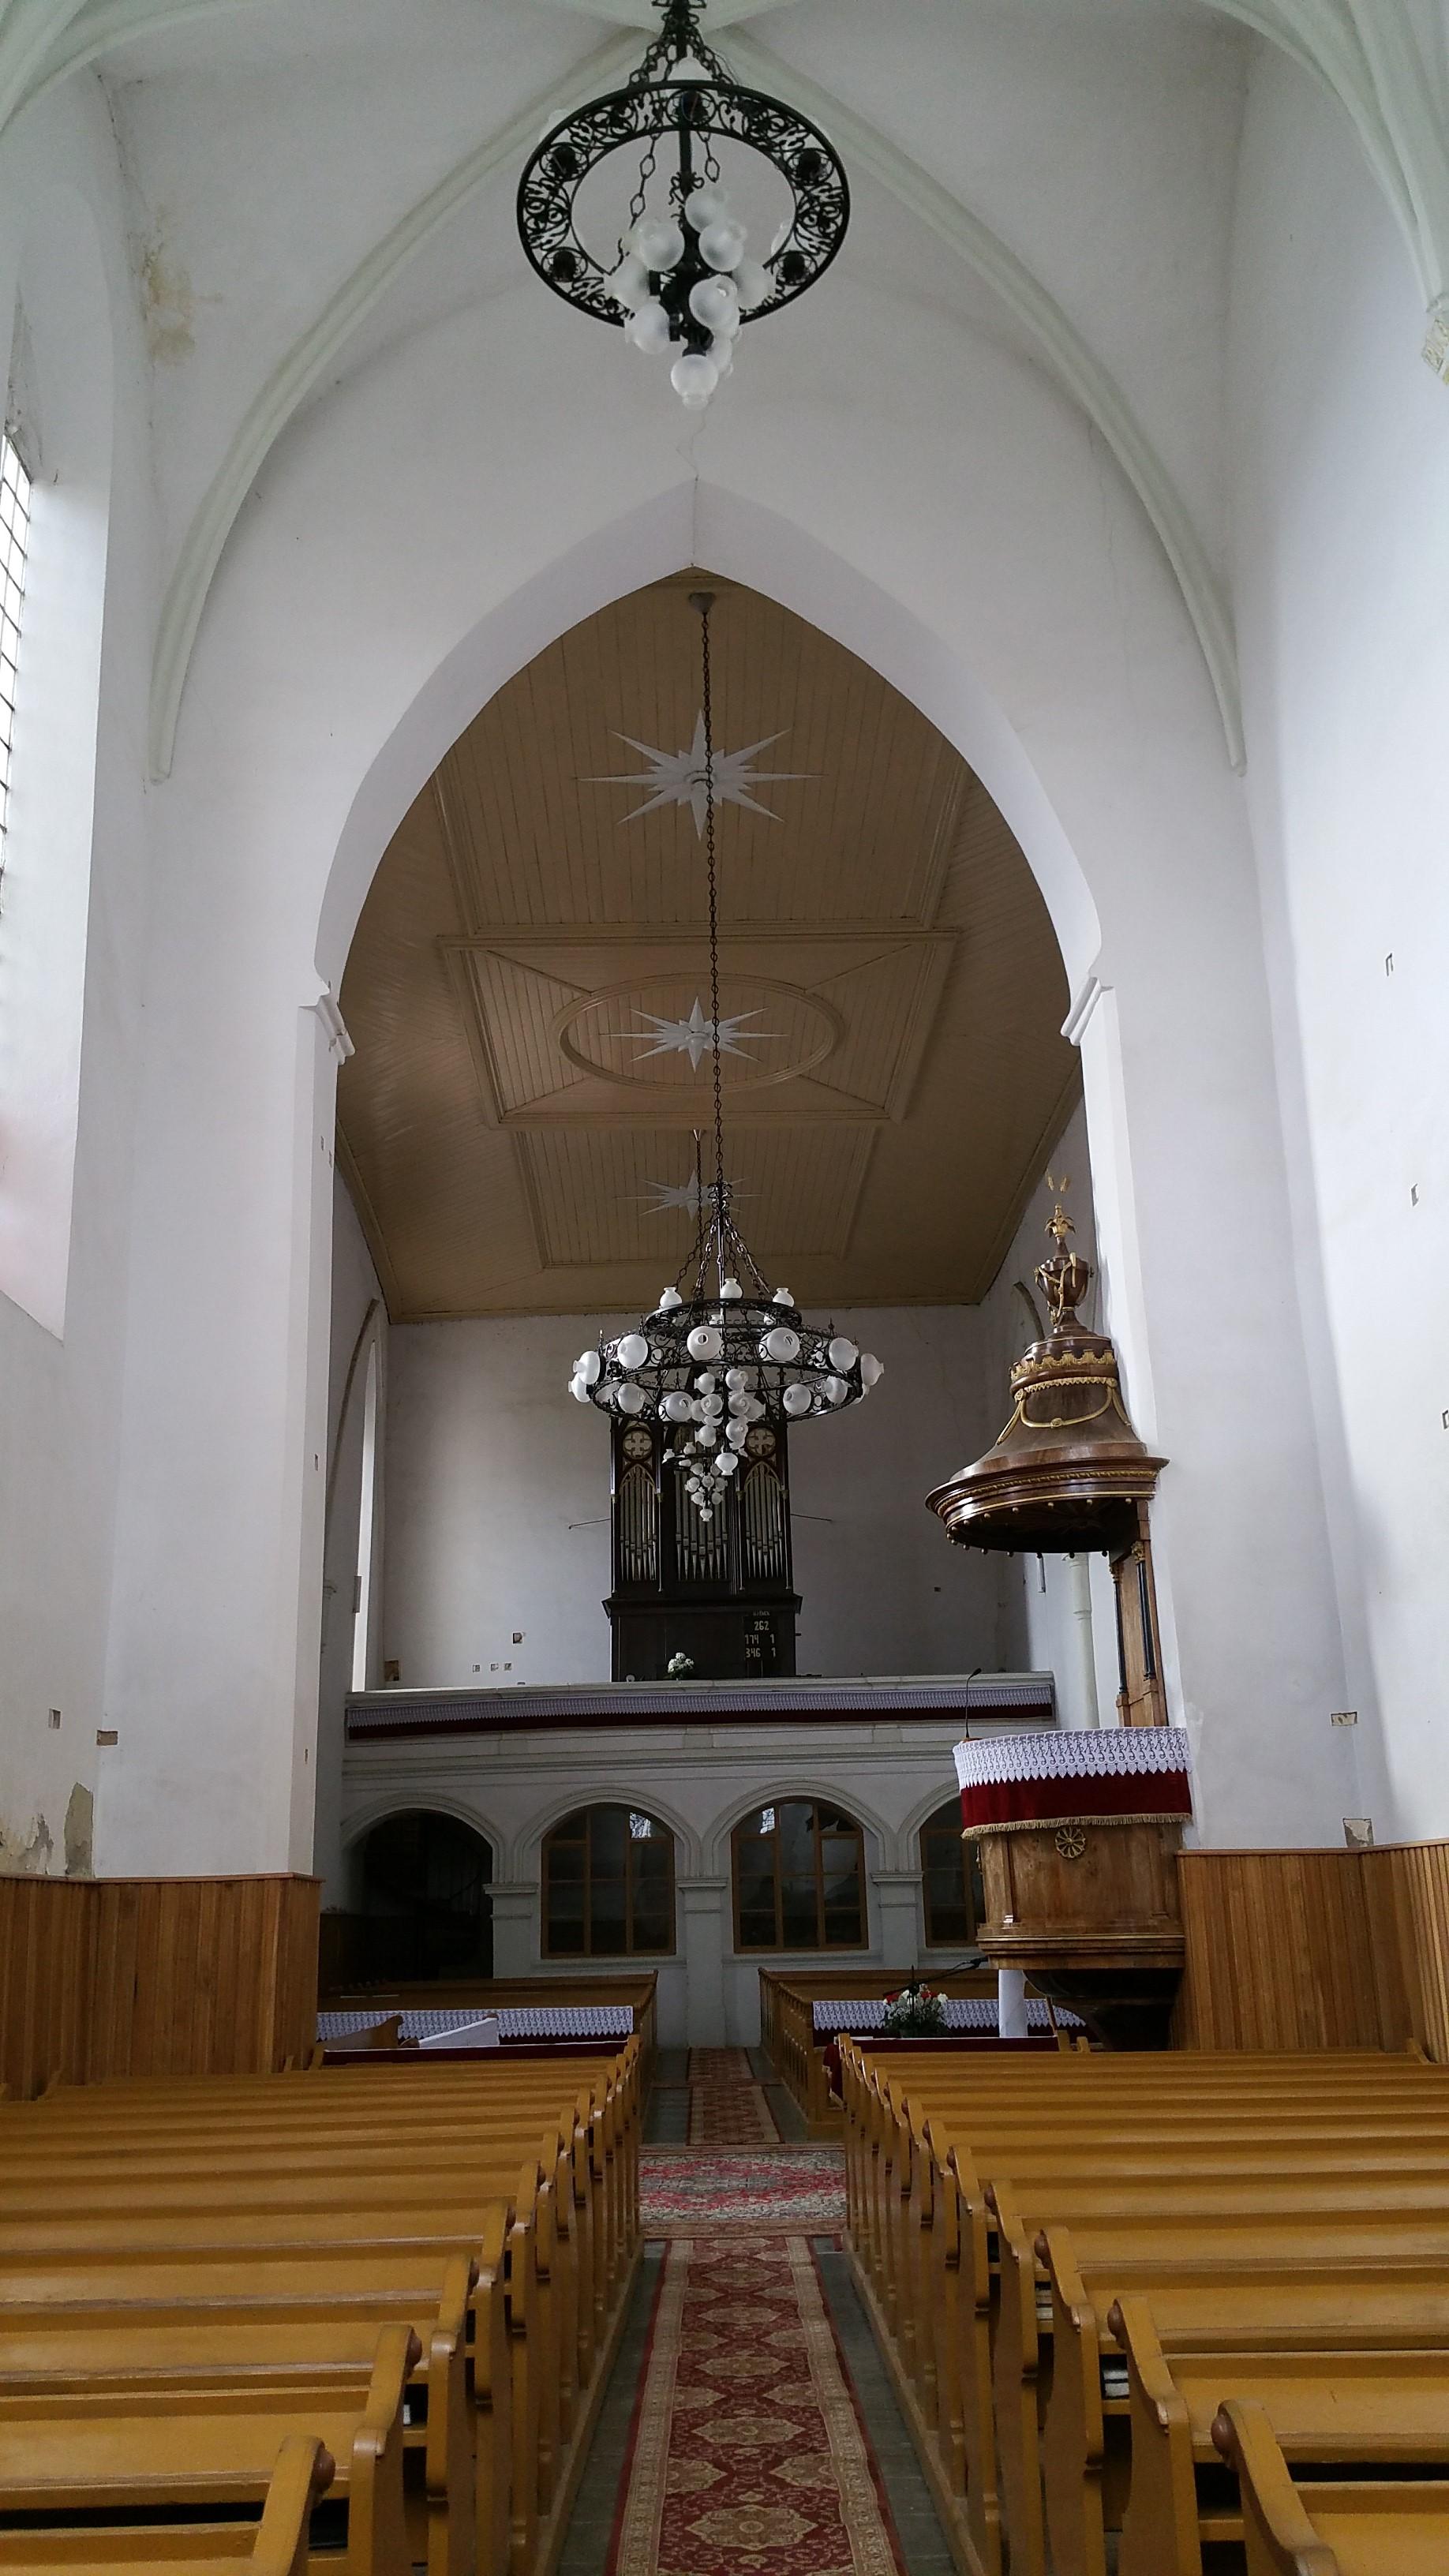 Templomhajó